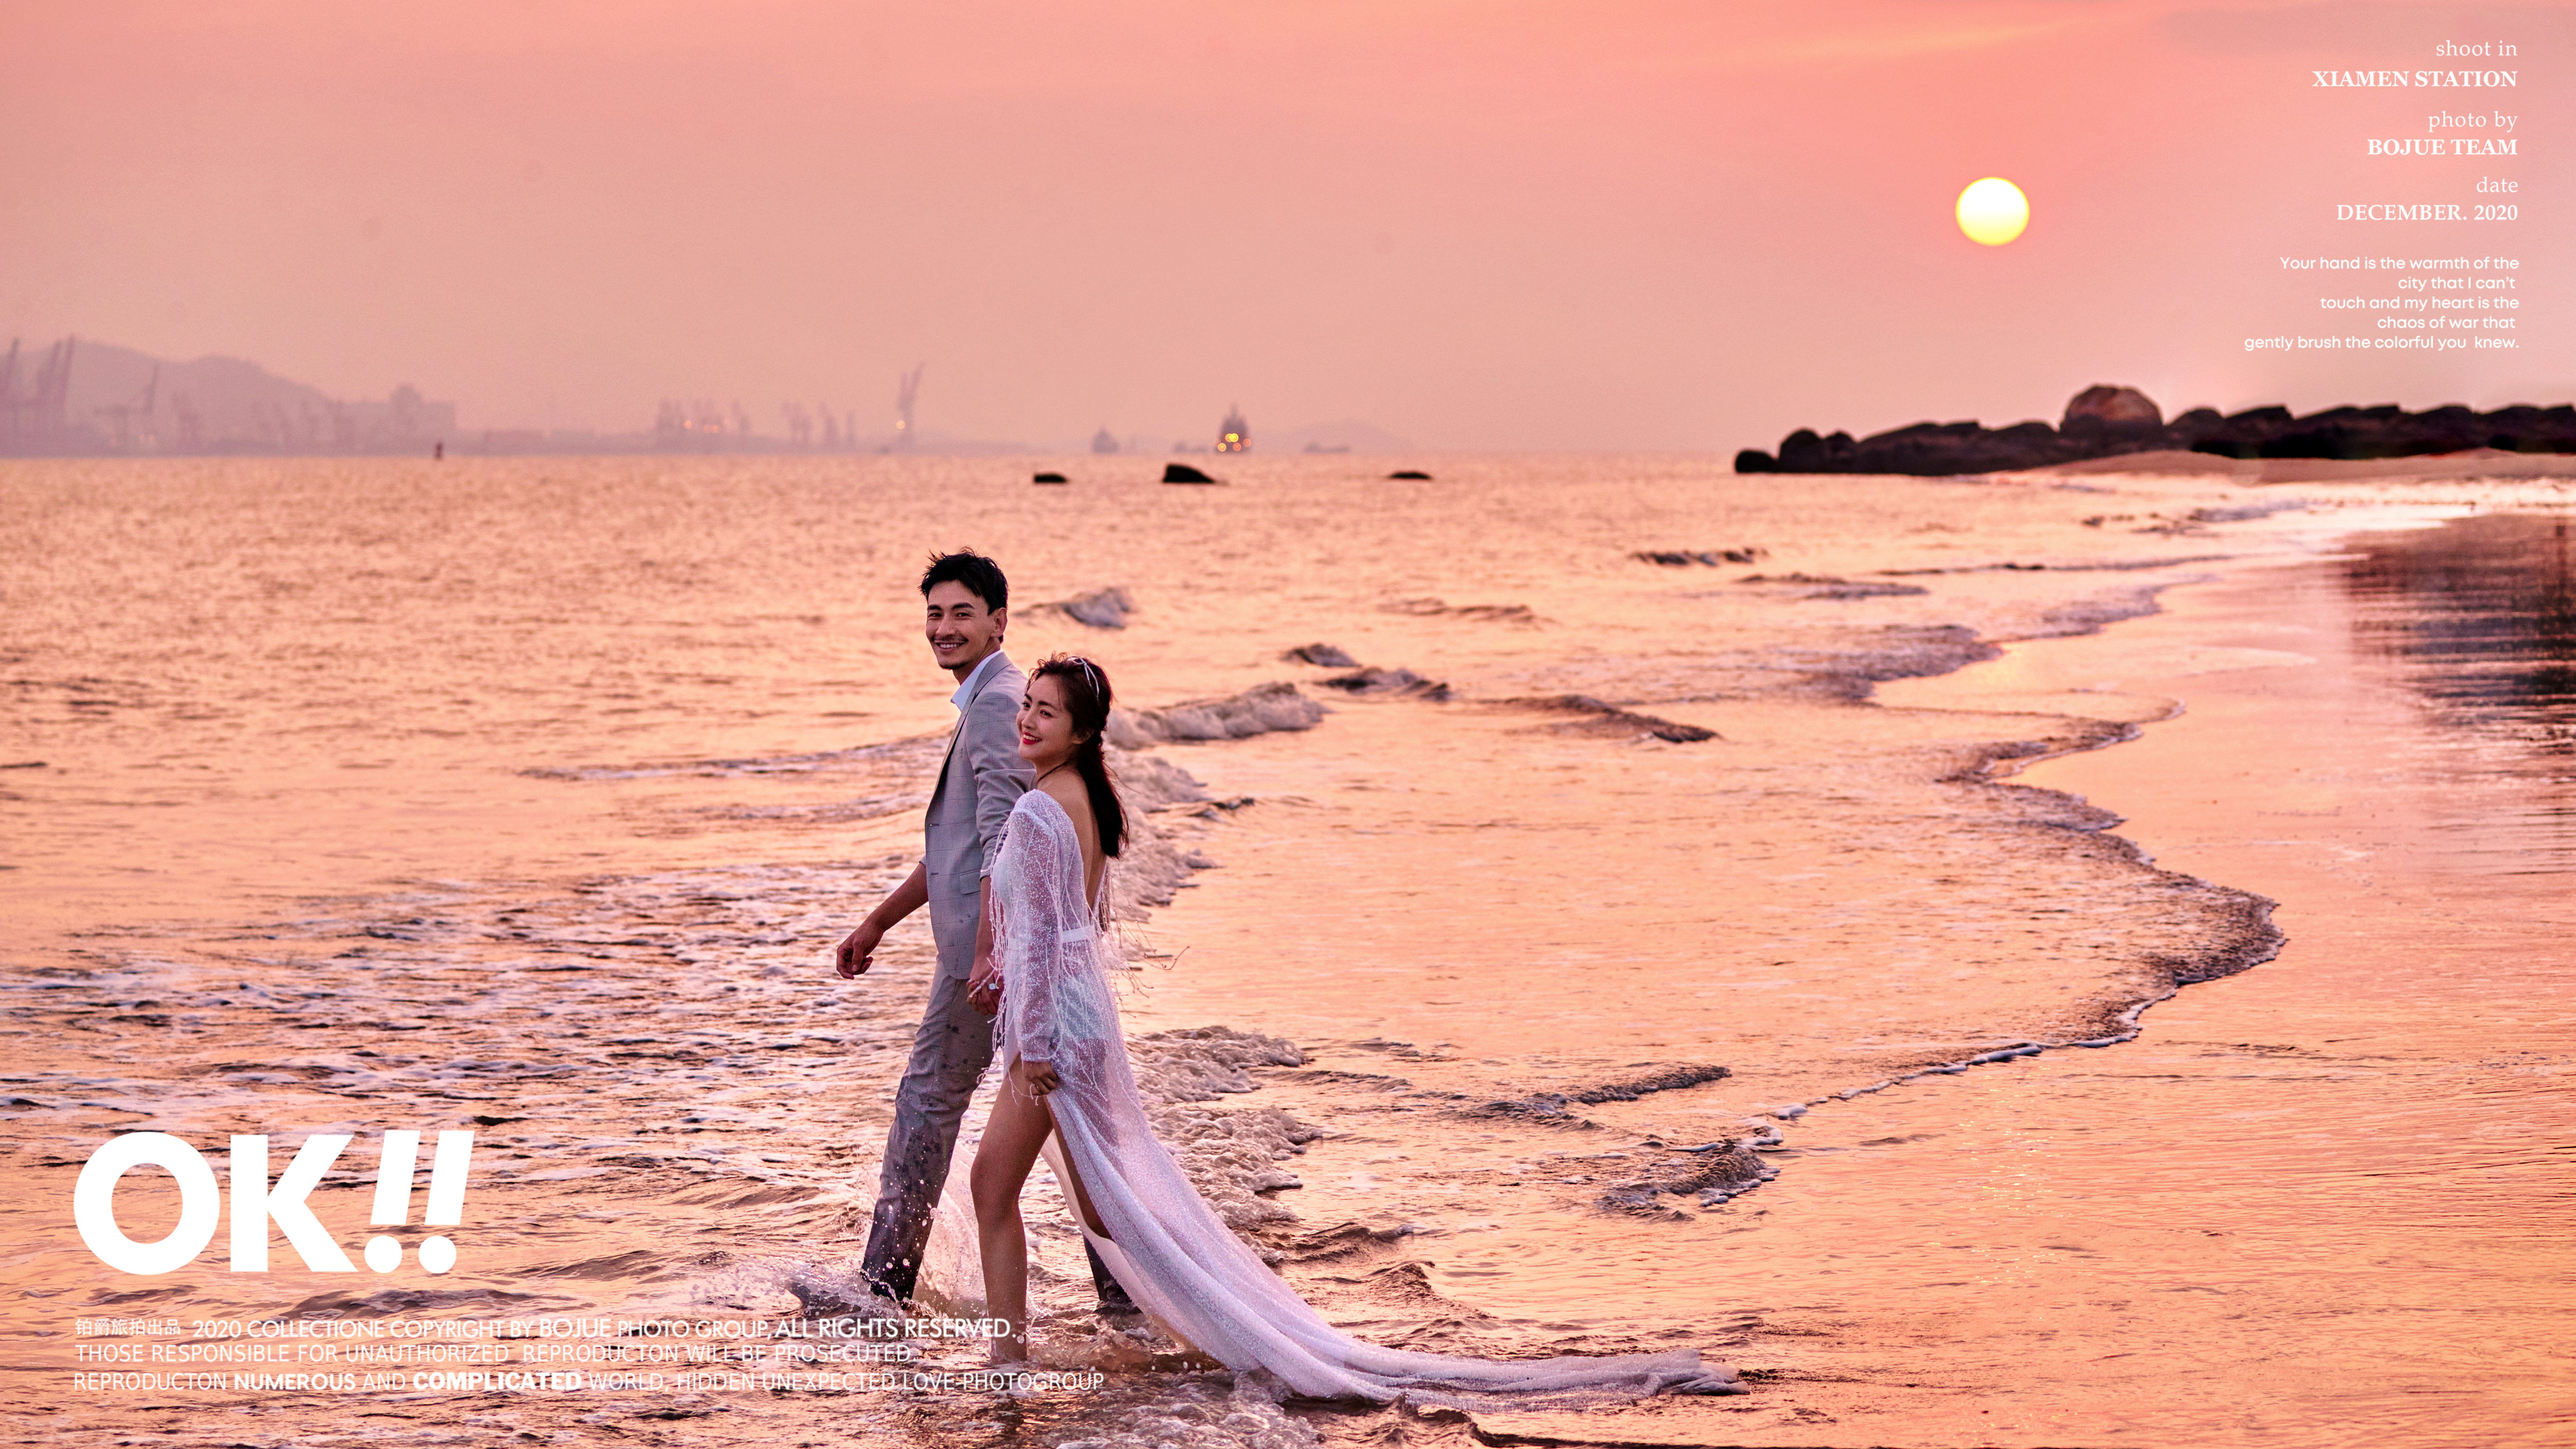 厦门婚纱摄影 厦门哪个季节拍摄婚纱照最好 有哪些景点可以选择